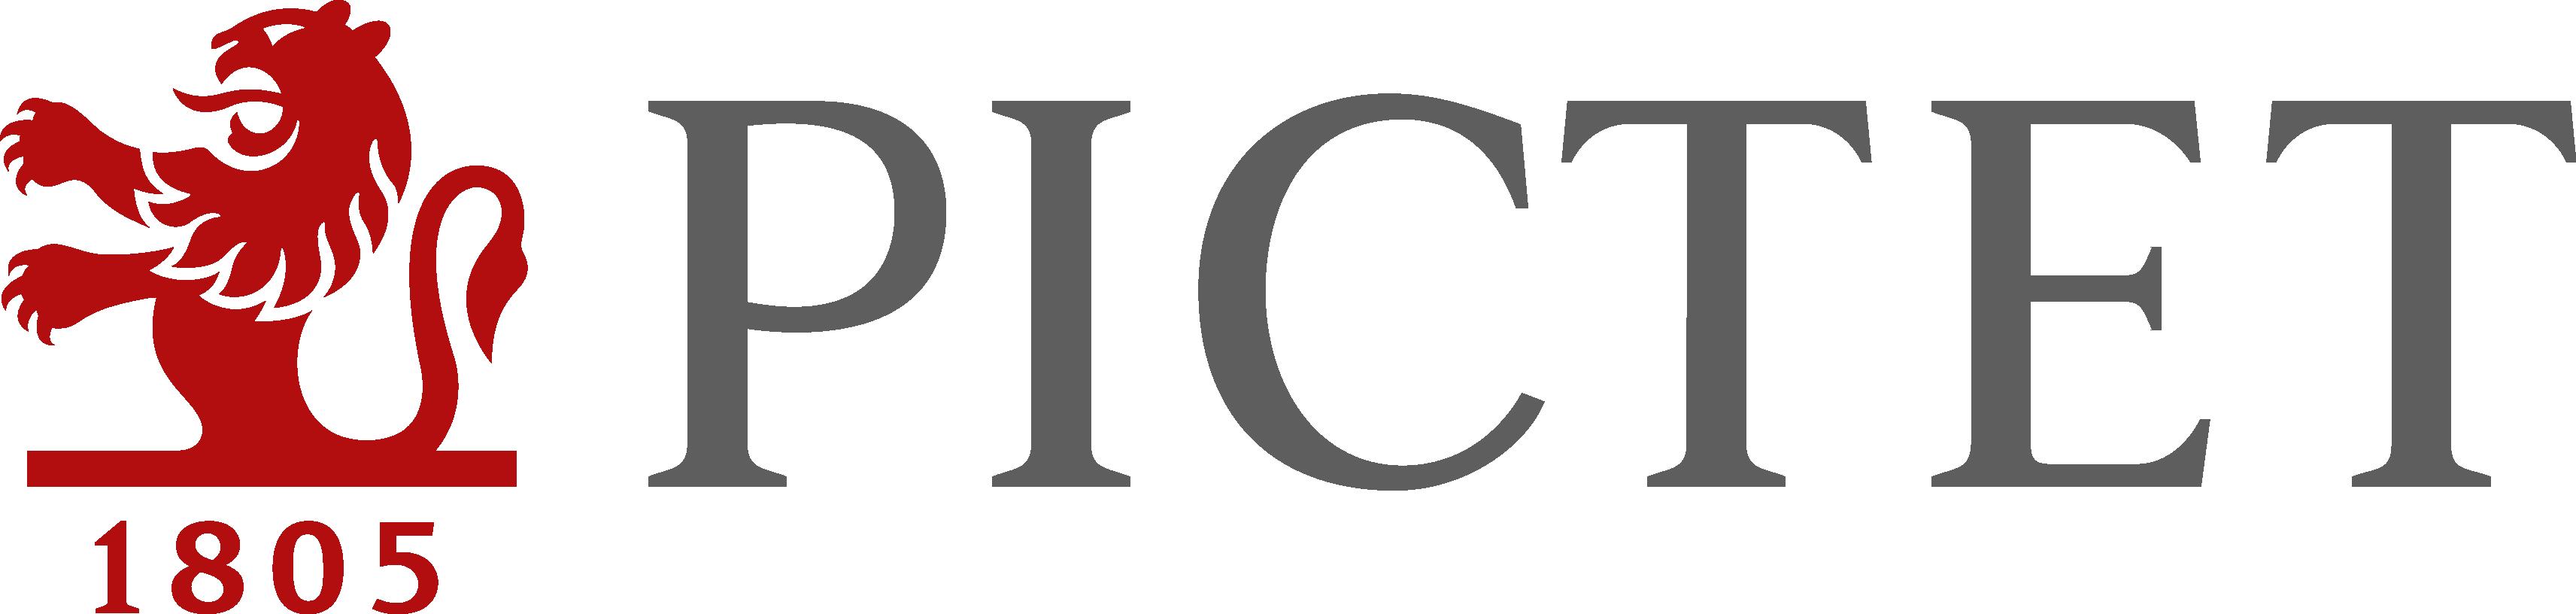 Pictet 2015 - Logo Color - PNG RGB 300dpi